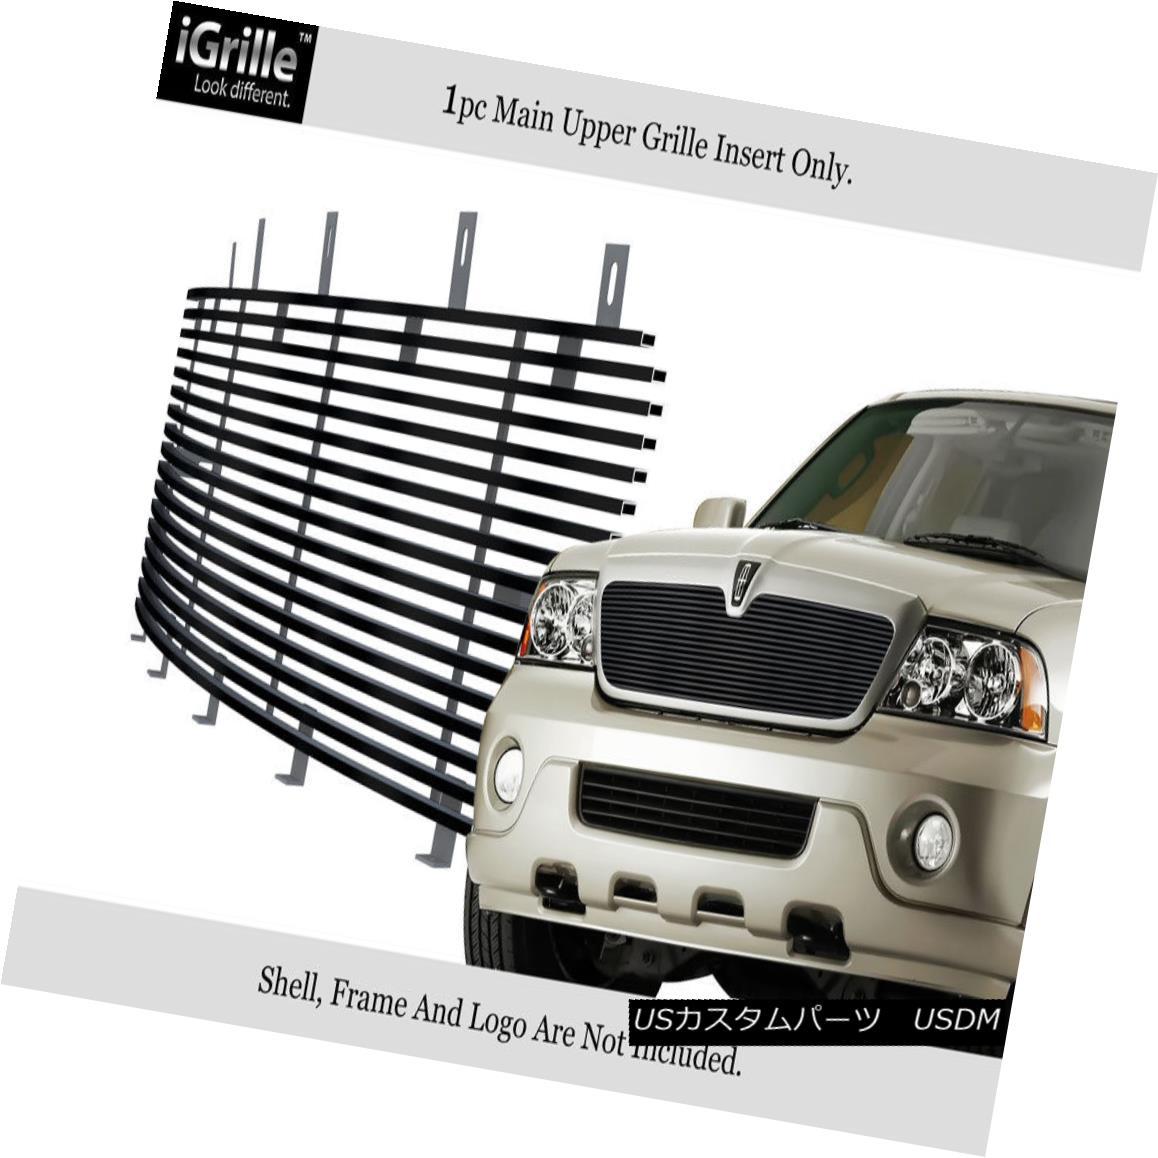 グリル Fits 03-04 Lincoln Navigator Black Stainless Steel Billet Grille Insert フィット03-04リンカーンナビゲーターブラックステンレス鋼ビレットグリルインサート